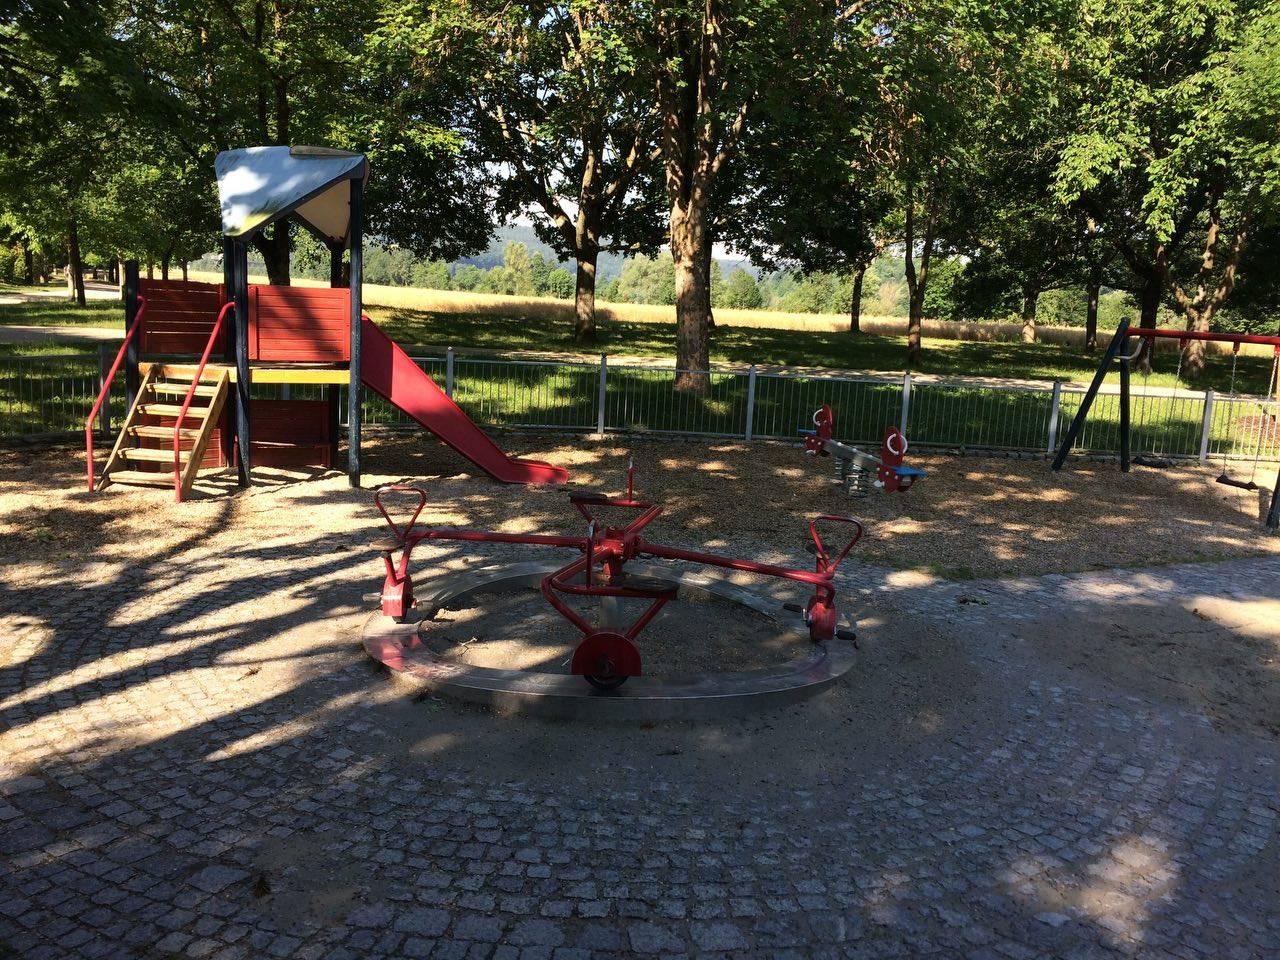 Wasserspielplatz In Meiner Nähe